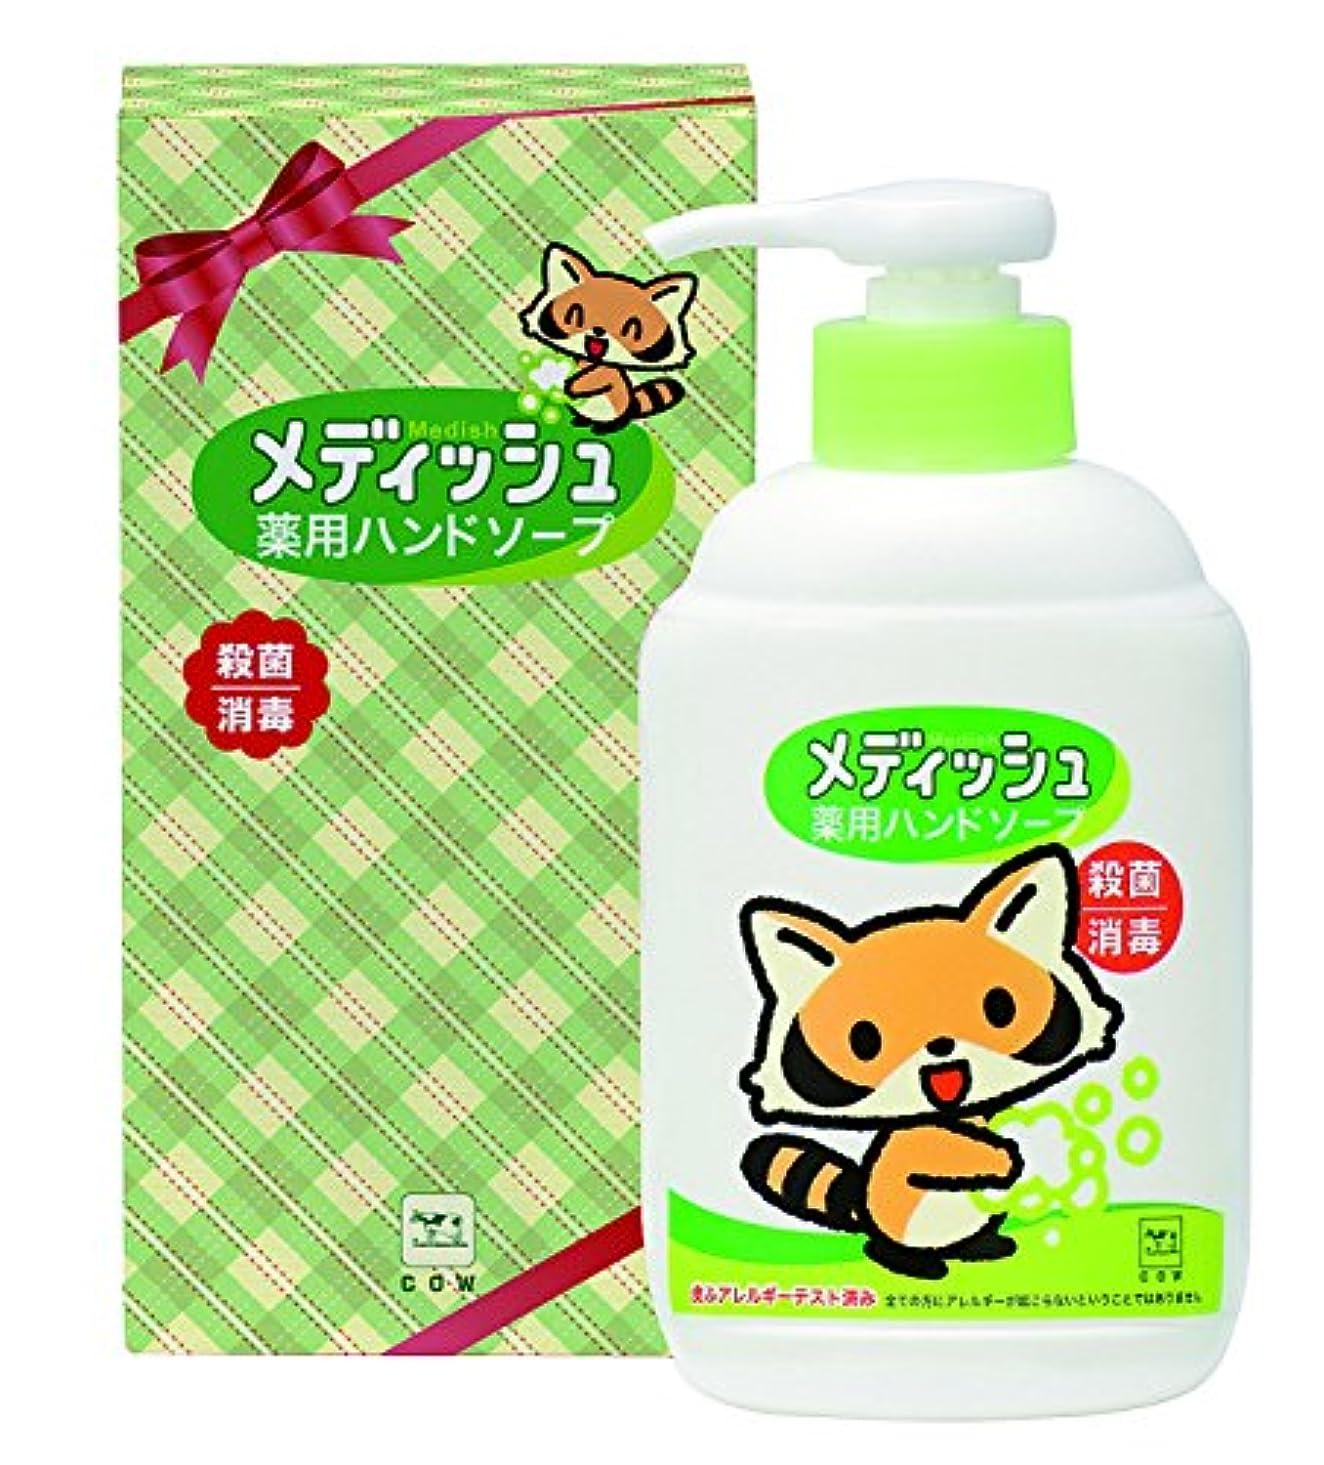 母性薄いです魅了する牛乳石鹸 メディッシュ 薬用ハンドソープ 250mlMS35